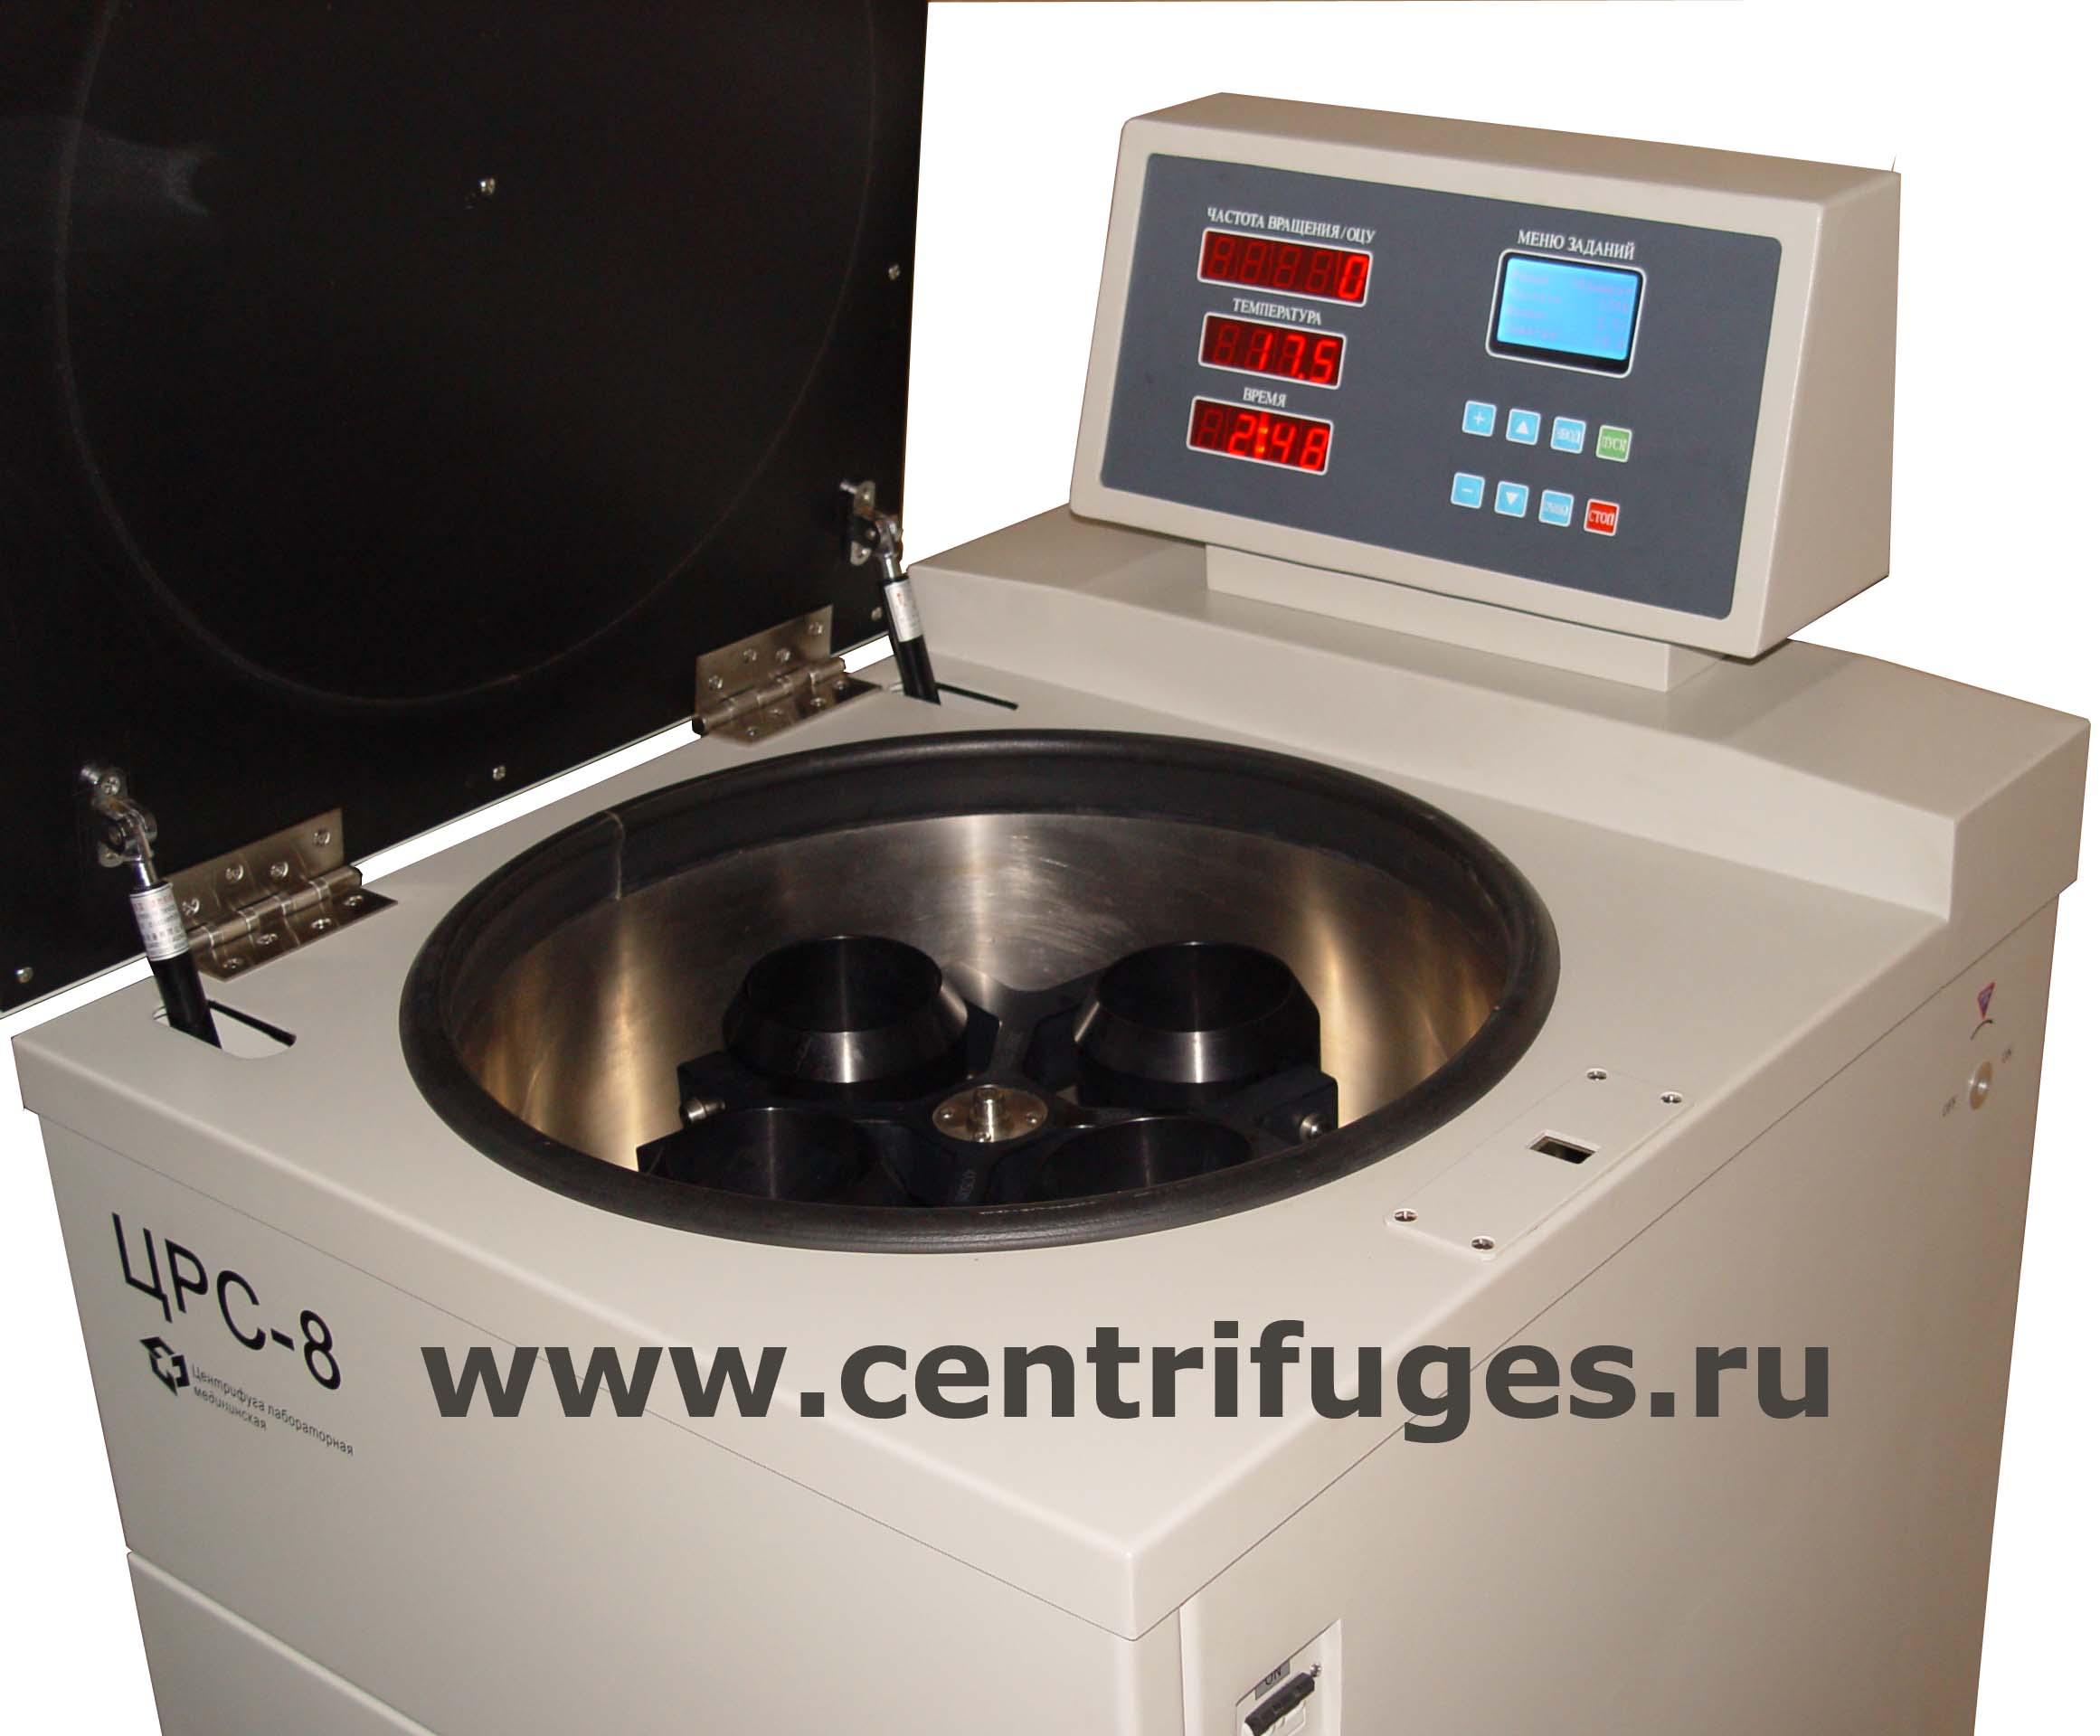 Центрифуга лабораторная медицинская ЦРС-8 рефрижераторная.  Максимально допустимая задаваемая частота вращения...